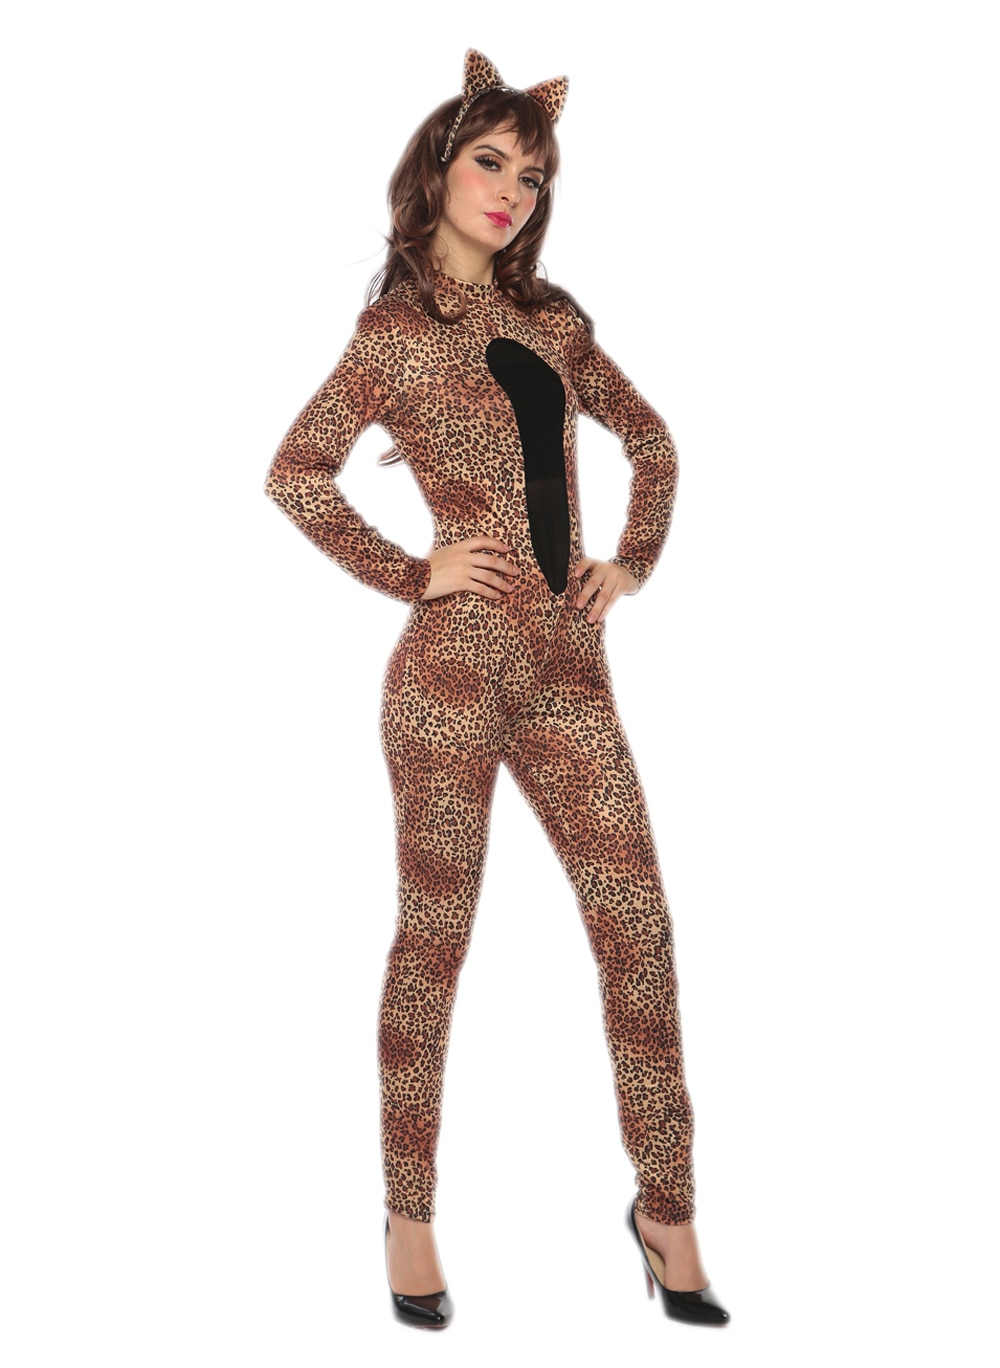 Traje de Catwoman Sexy para mujer, disfraz de gato leopardo, Halloween, mono de fantasía para mujer